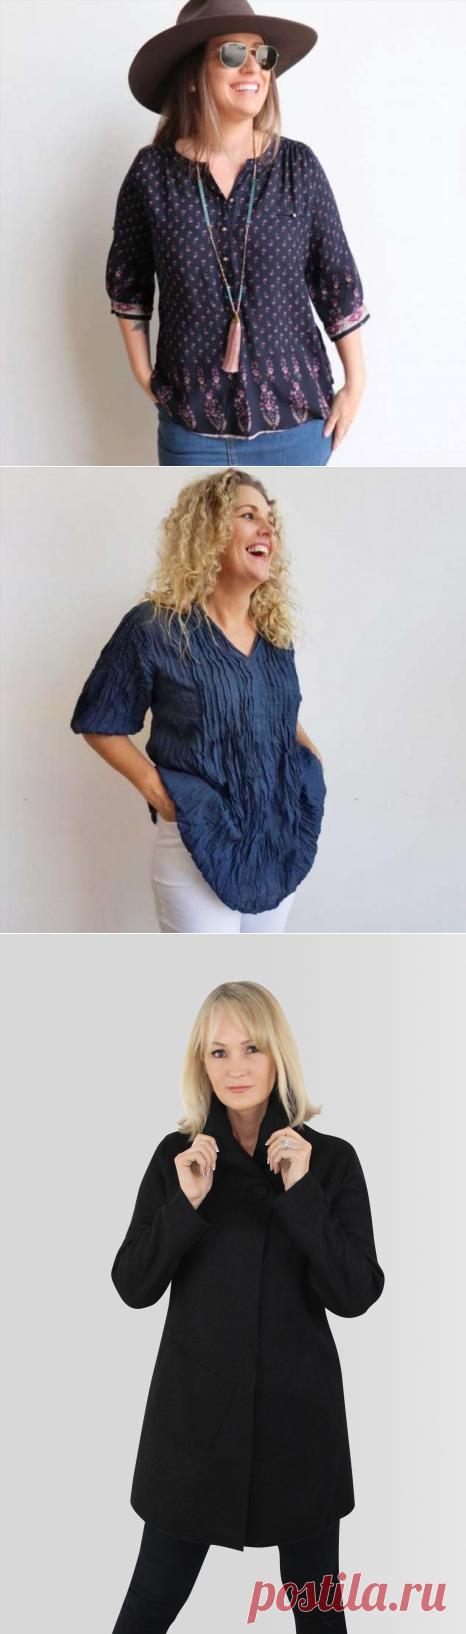 Как выглядеть стильно после 40: советы стилистов по корректировке гардероба . Милая Я